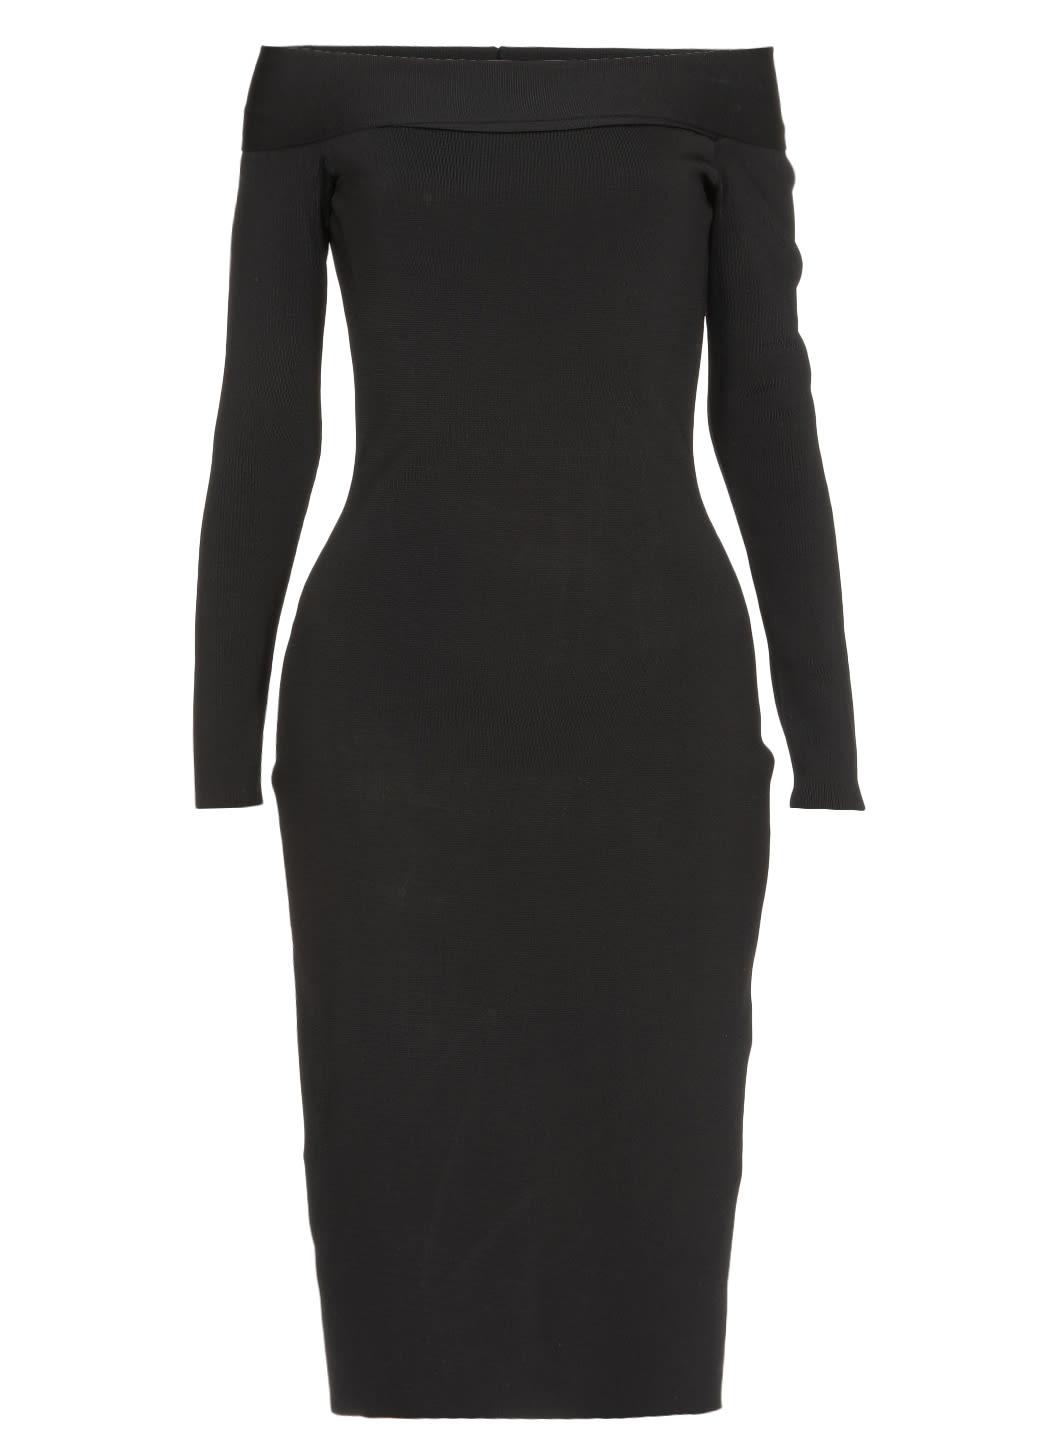 Victoria Beckham Bardot Dress